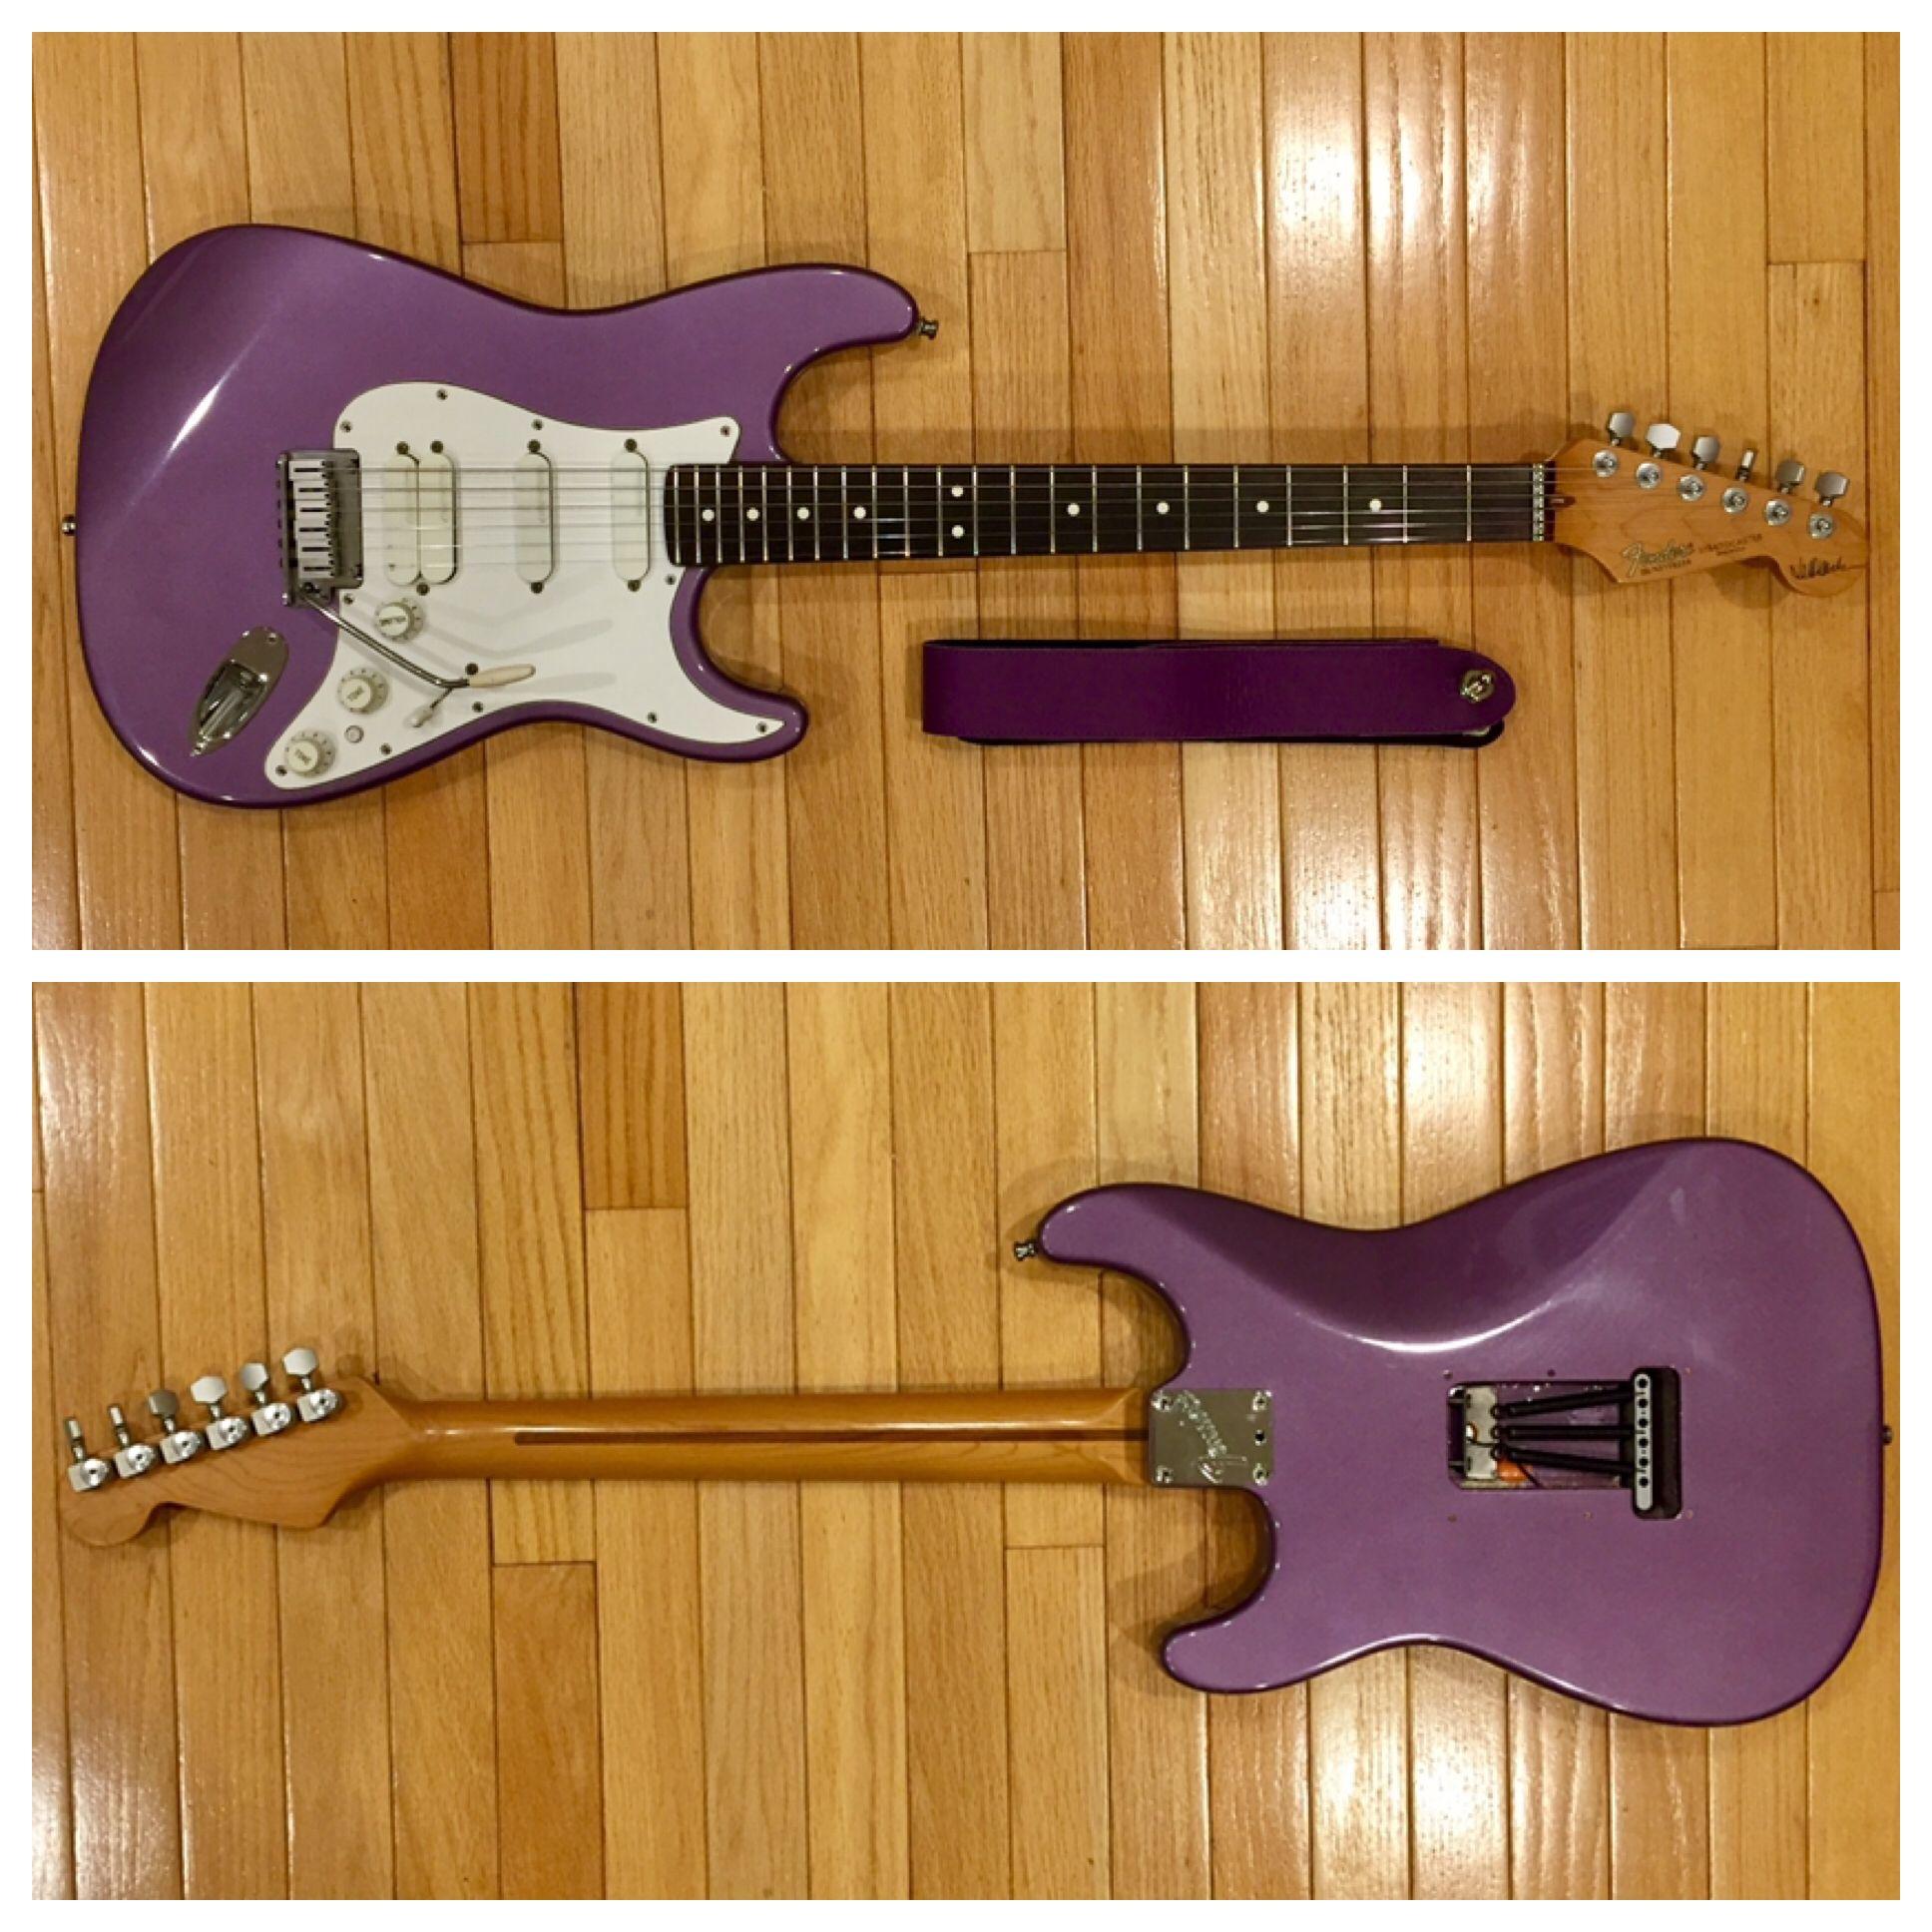 [SCHEMATICS_4JK]  Fender Artist Series 1993 Jeff Beck Stratocaster Electric Guitar in  Midnight Purple | Electric guitar, Fender bass, Guitar | Fender Jeff Beck Stratocaster Wiring Diagram |  | Pinterest